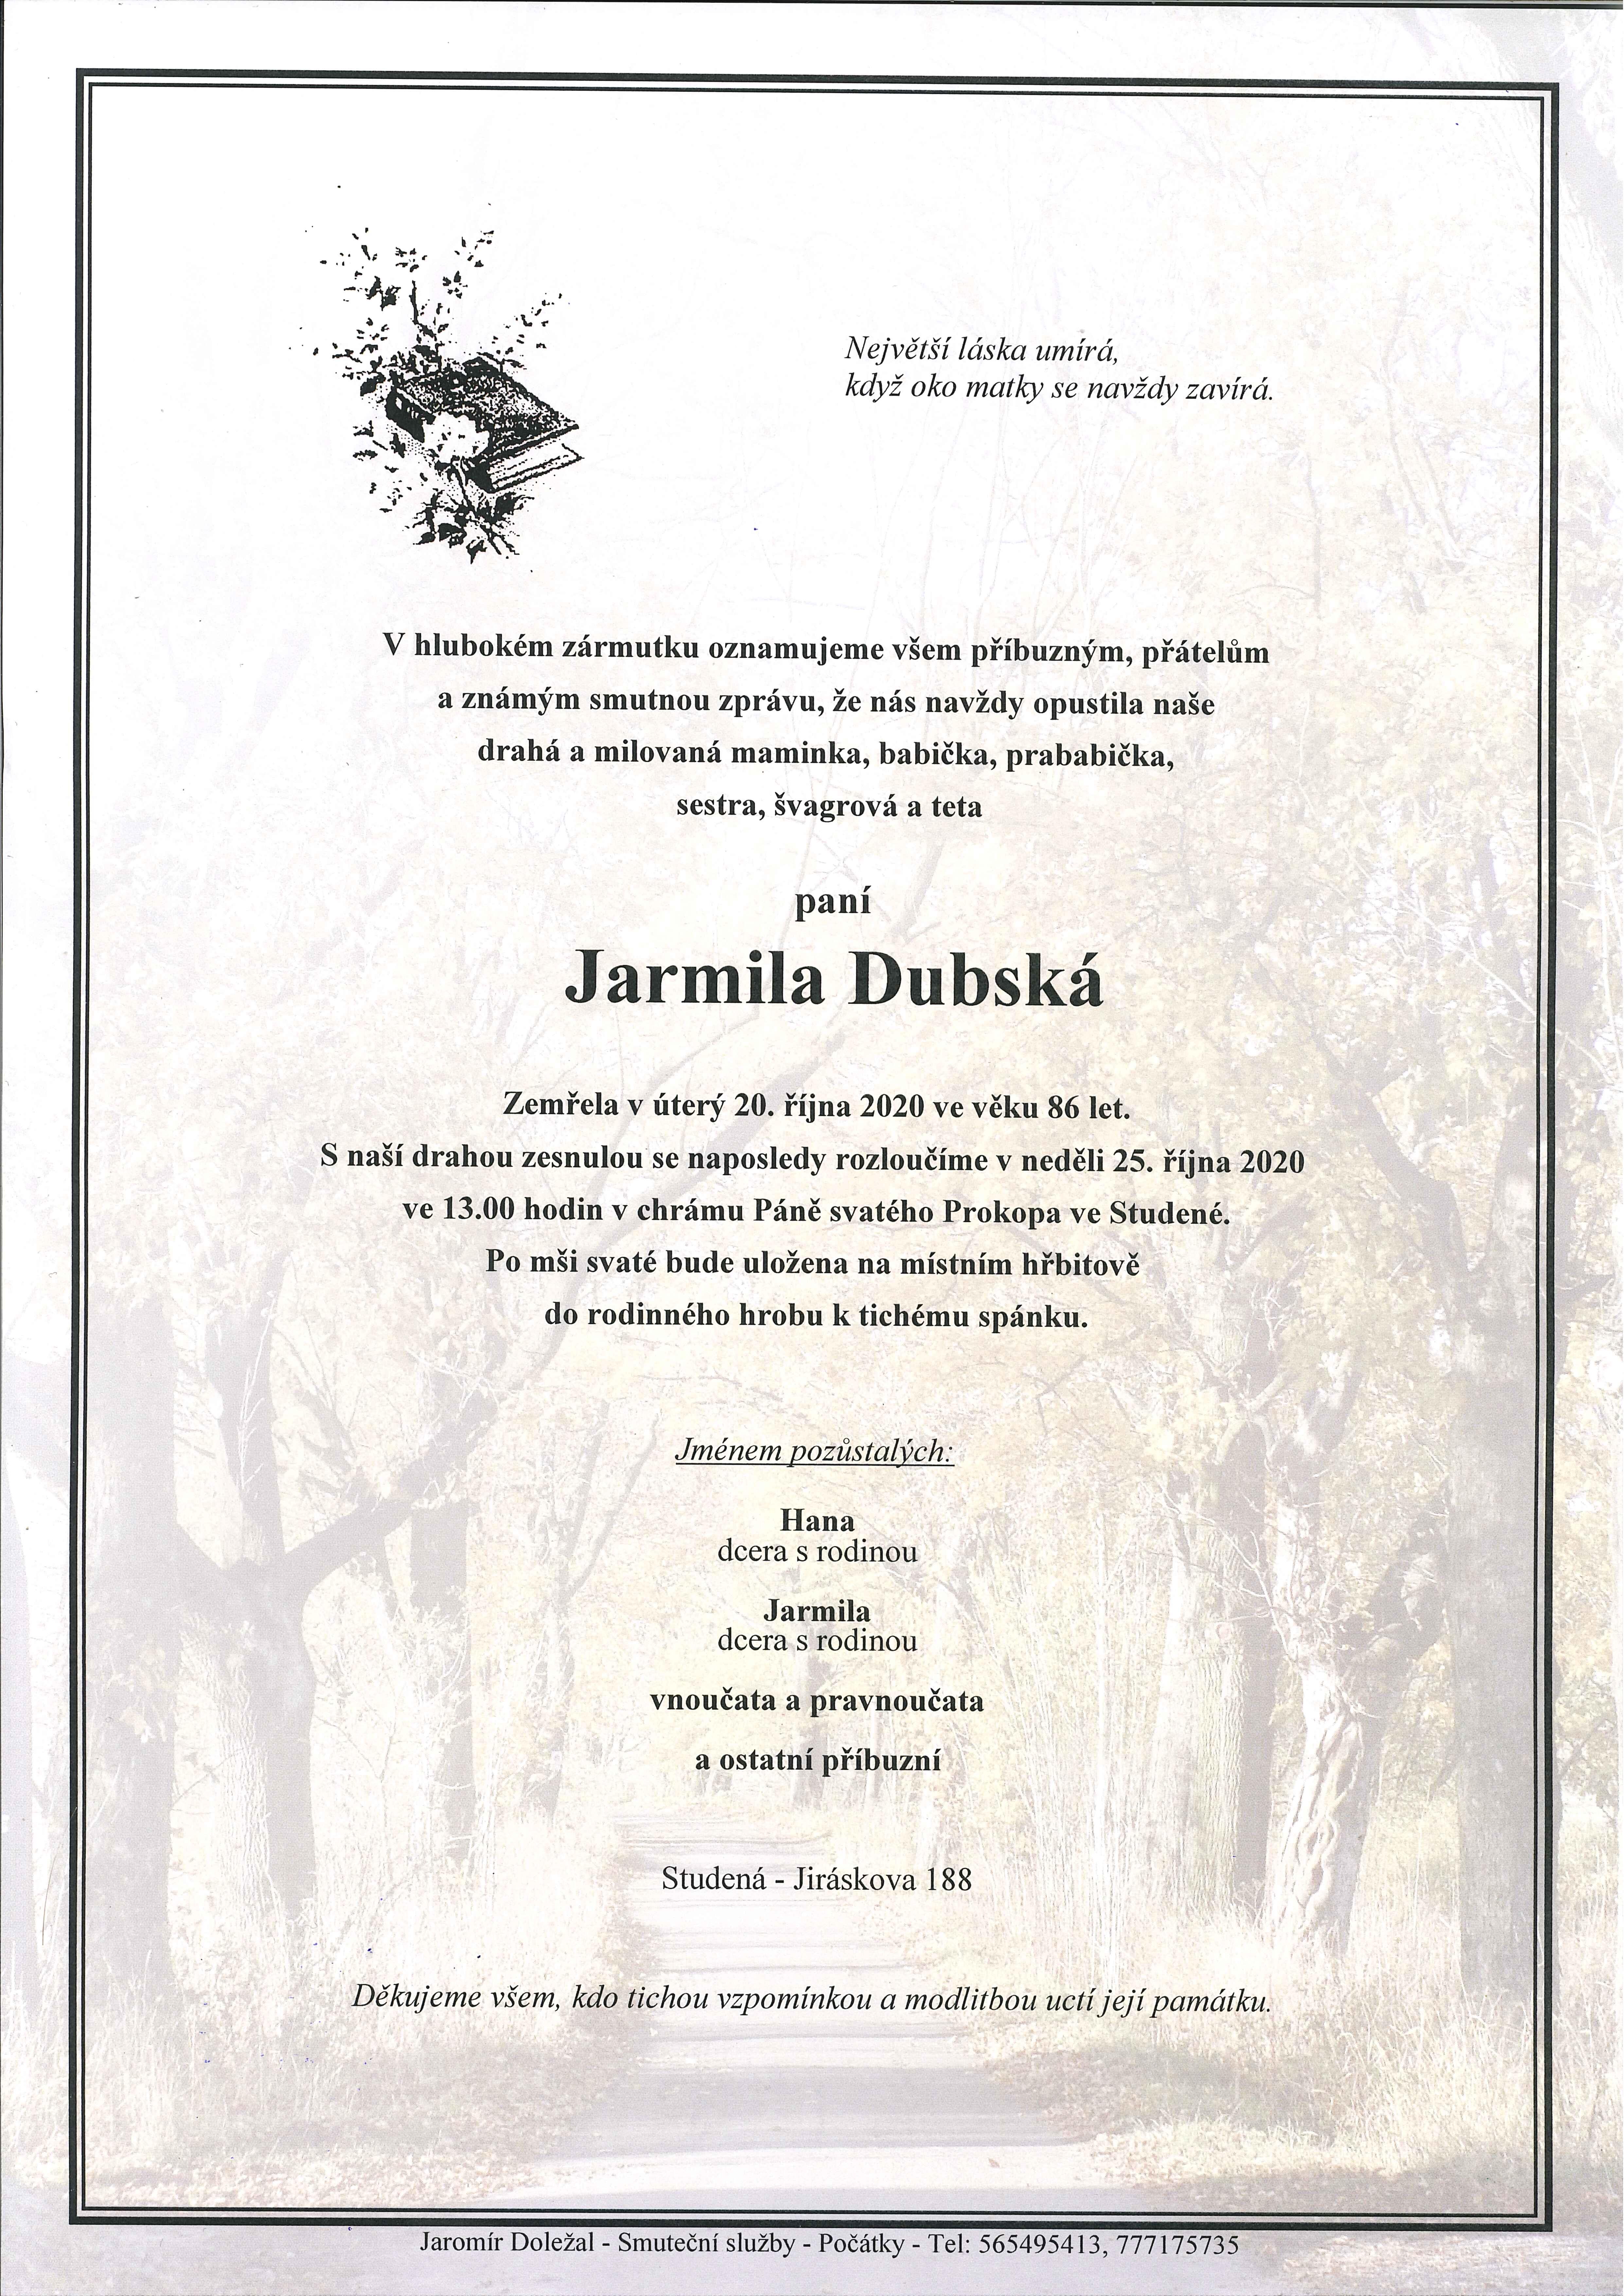 Jarmila Dubská